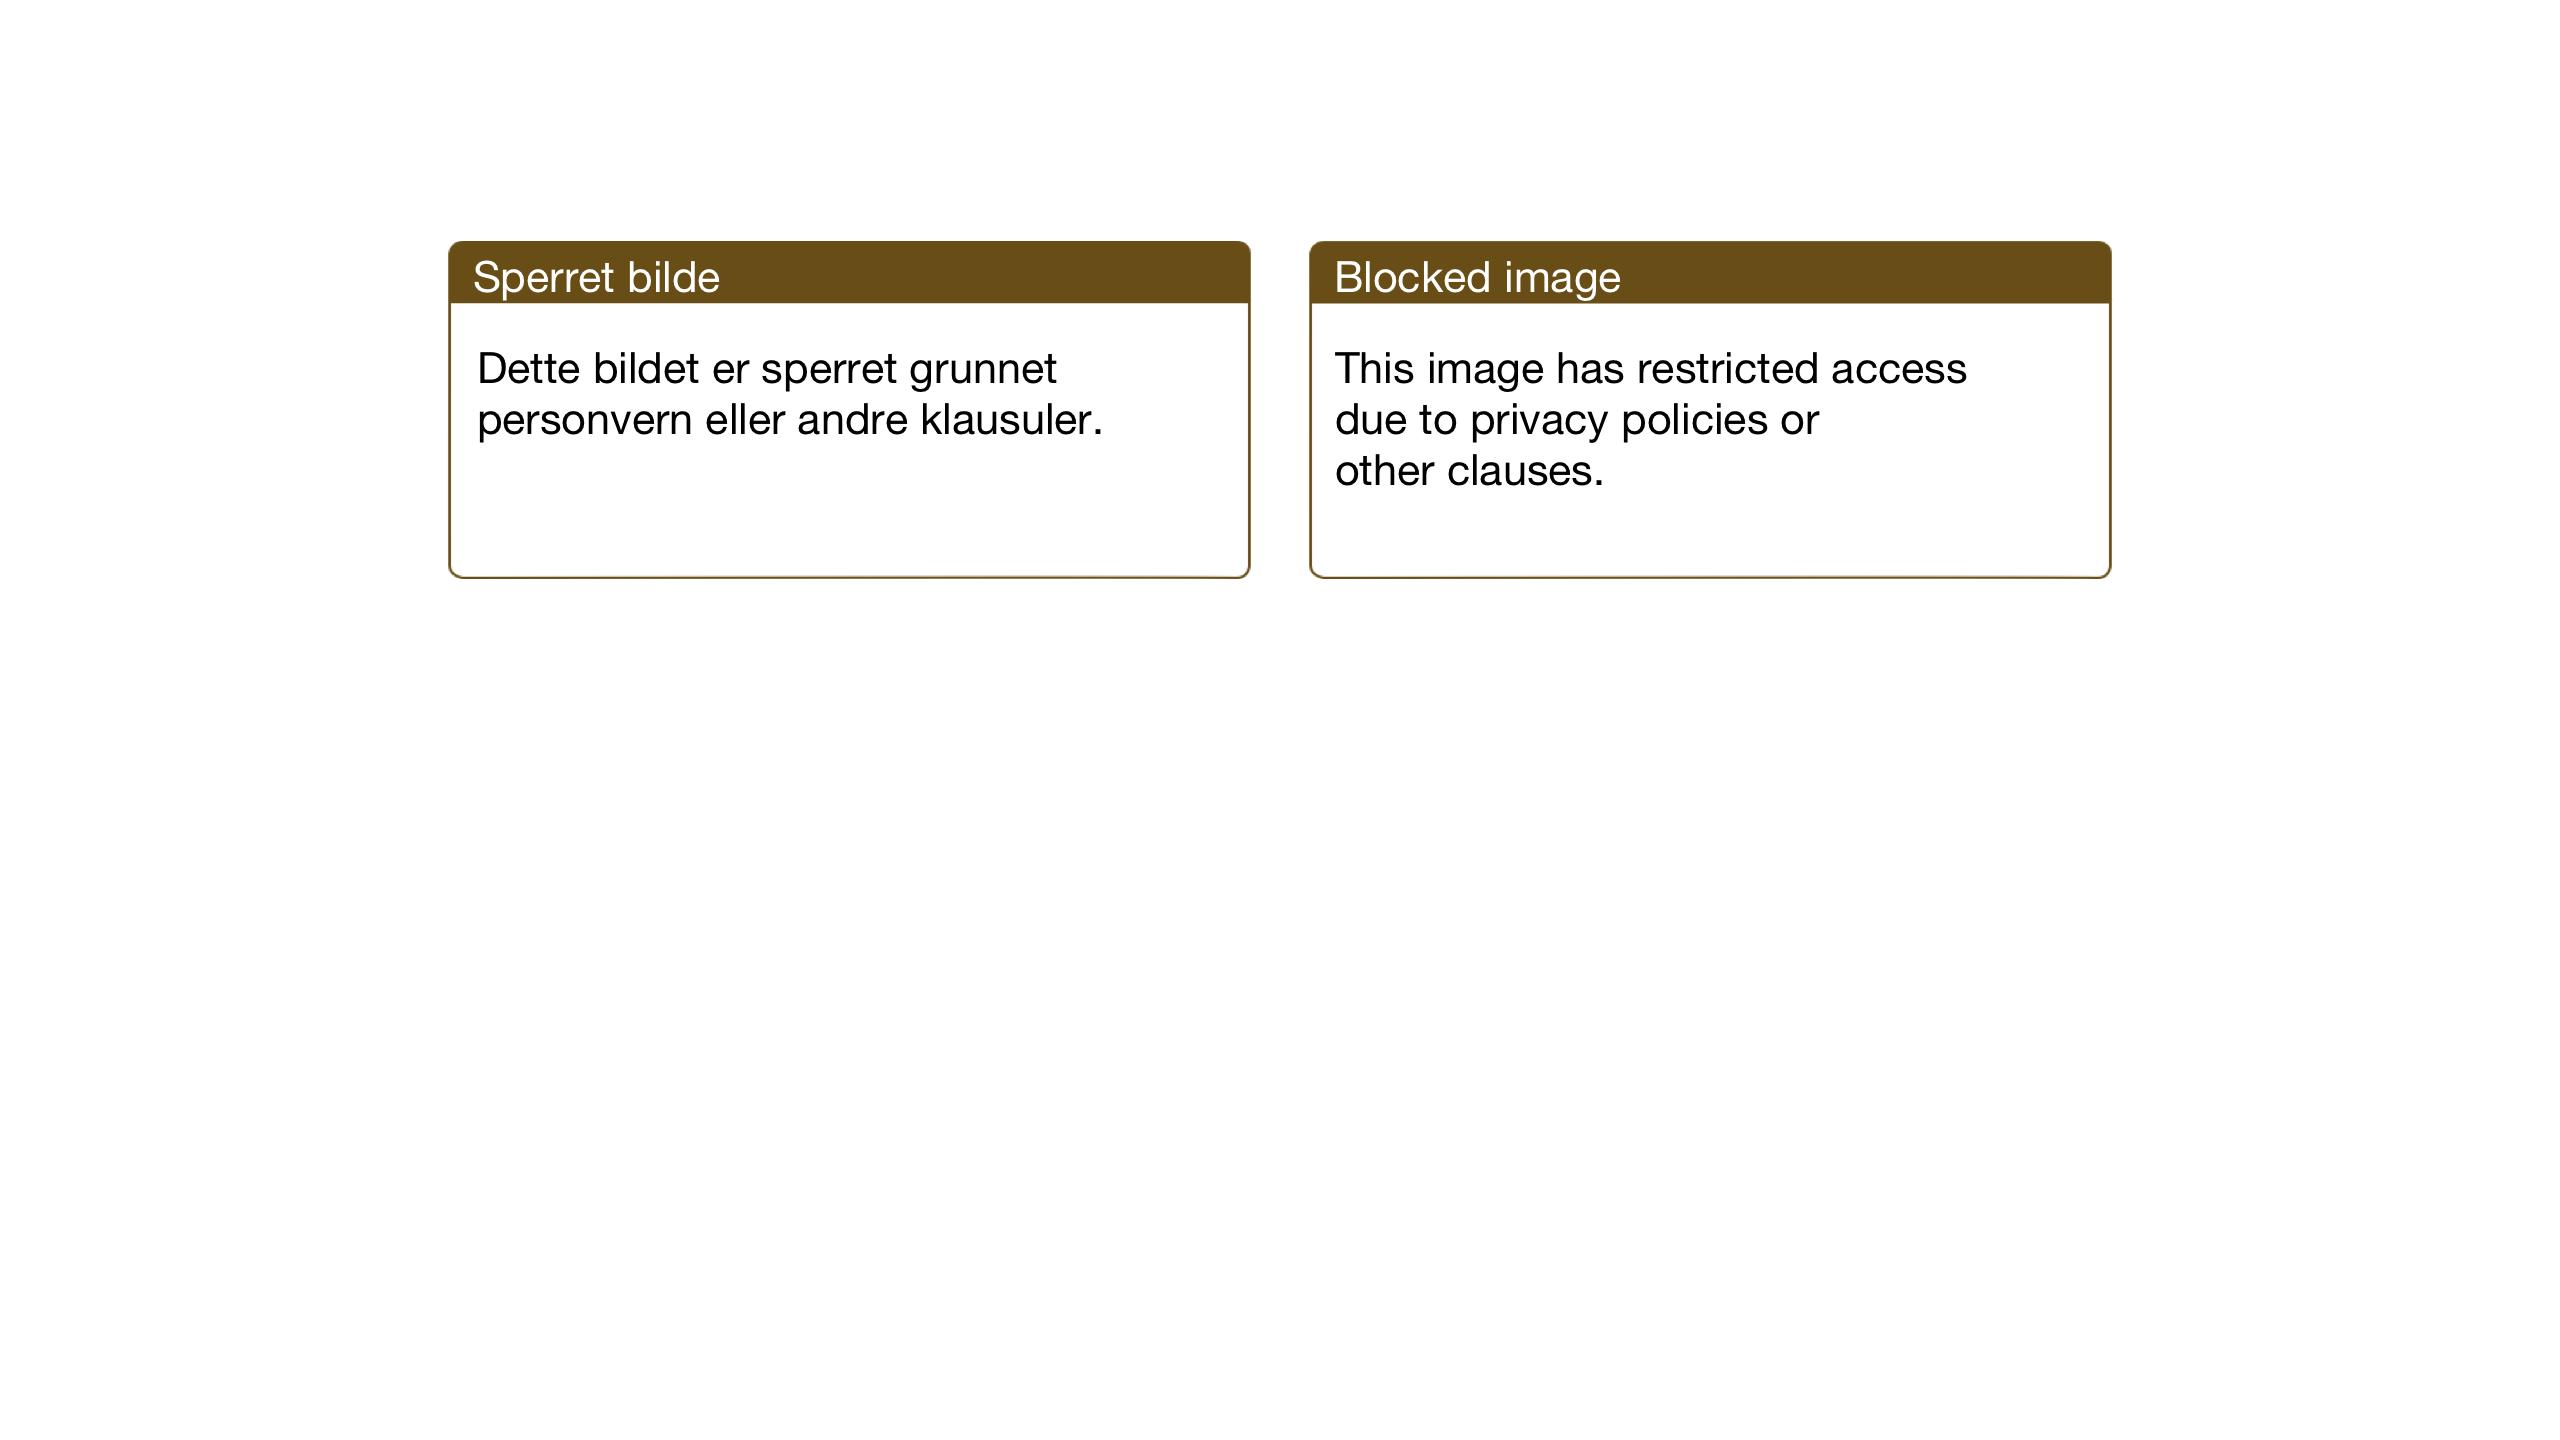 SAT, Ministerialprotokoller, klokkerbøker og fødselsregistre - Sør-Trøndelag, 618/L0454: Klokkerbok nr. 618C05, 1926-1946, s. 81